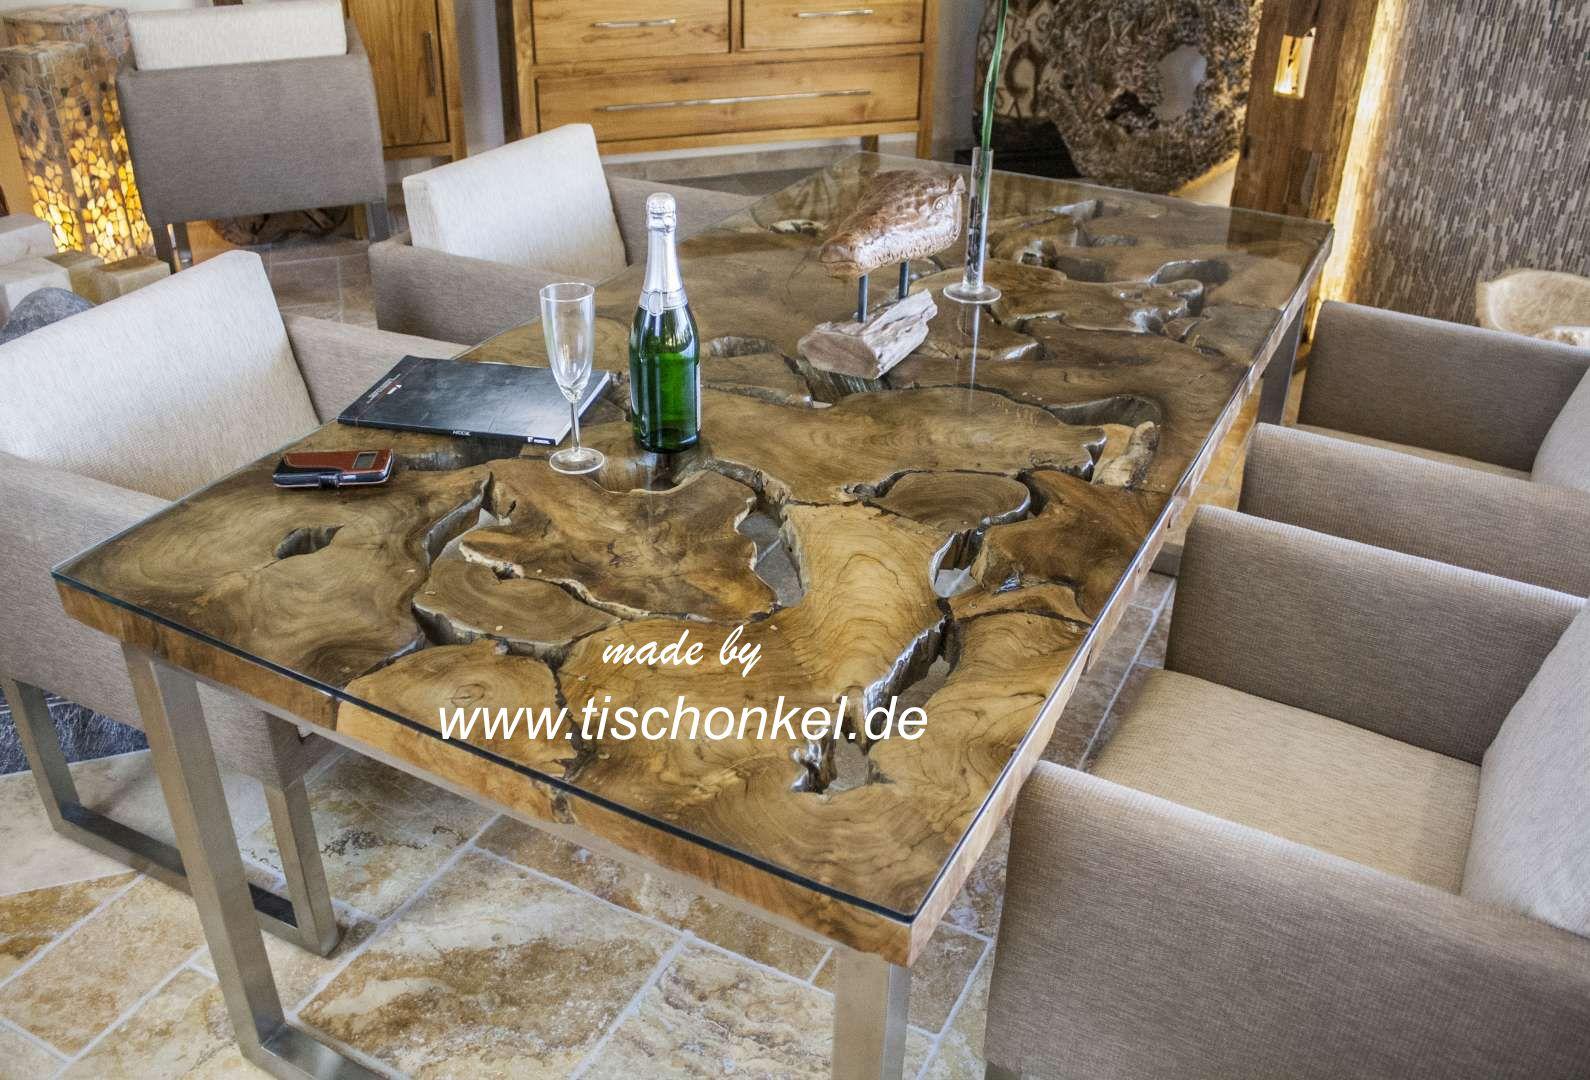 Design esstisch aus altholz mit edelstahlgestell der - Der tischonkel ...